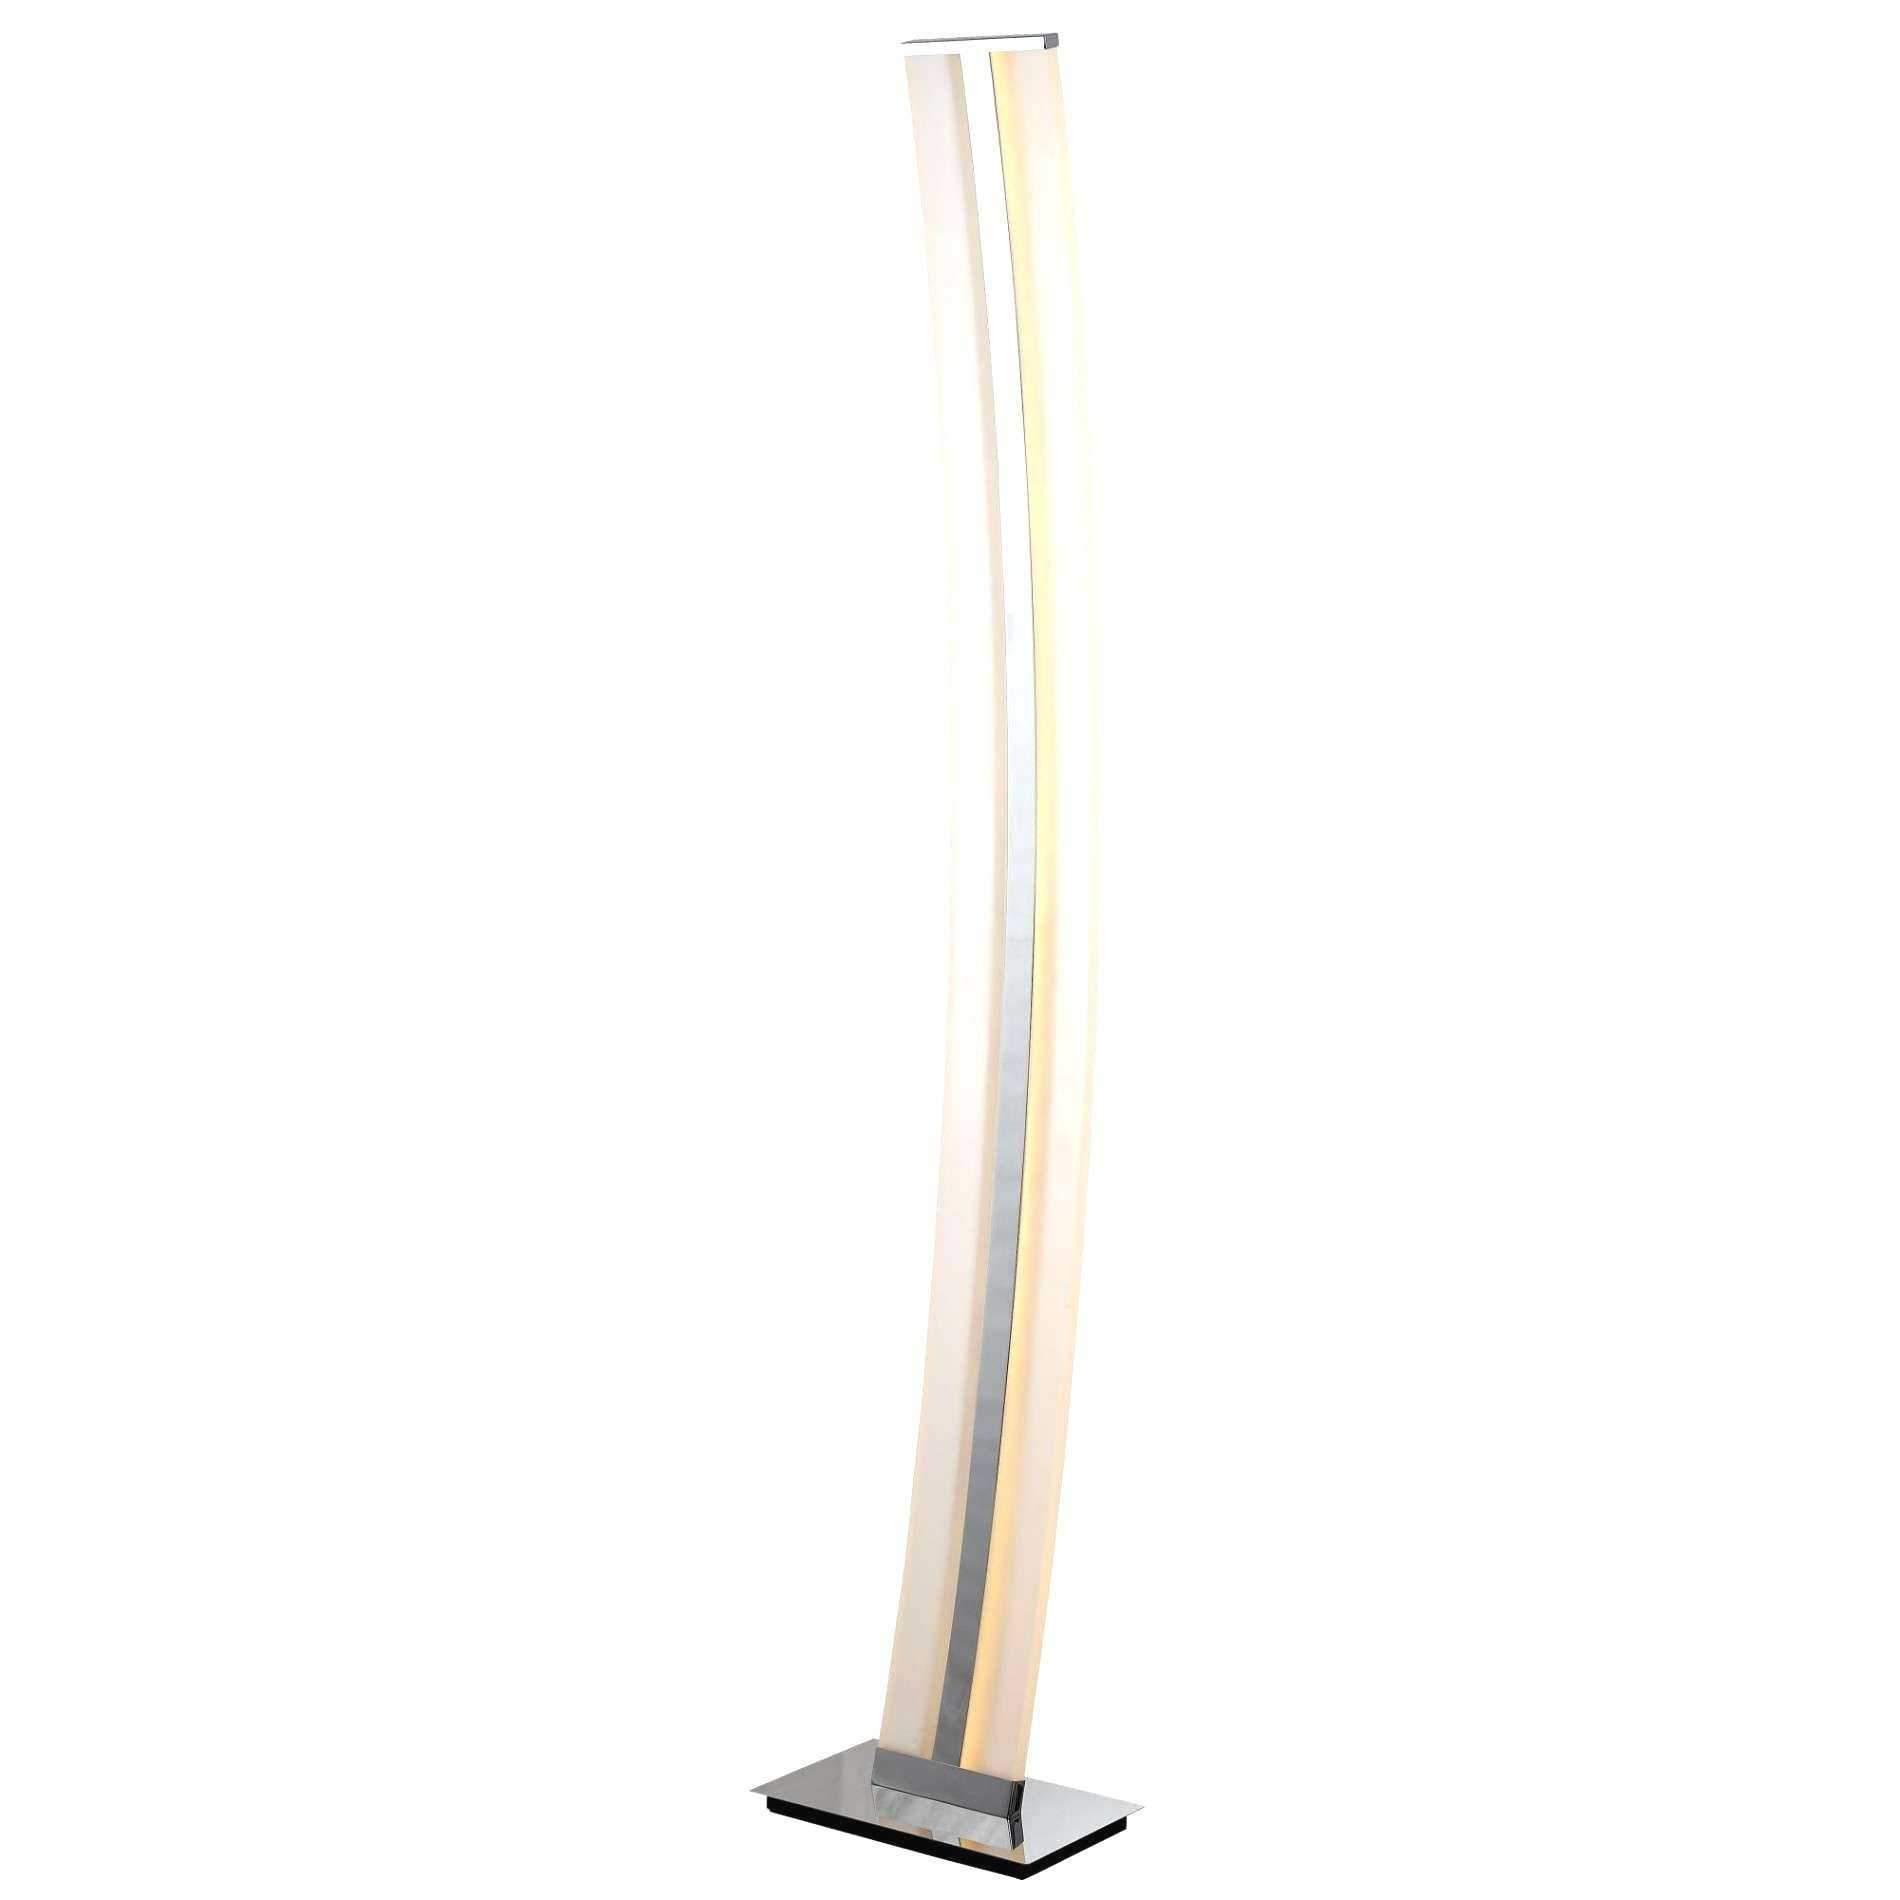 Full Size of Ikea Stehlampen Stehlampe Wohnzimmer Reizend Standleuchte Modulküche Sofa Mit Schlaffunktion Küche Kosten Kaufen Betten 160x200 Miniküche Bei Wohnzimmer Ikea Stehlampen